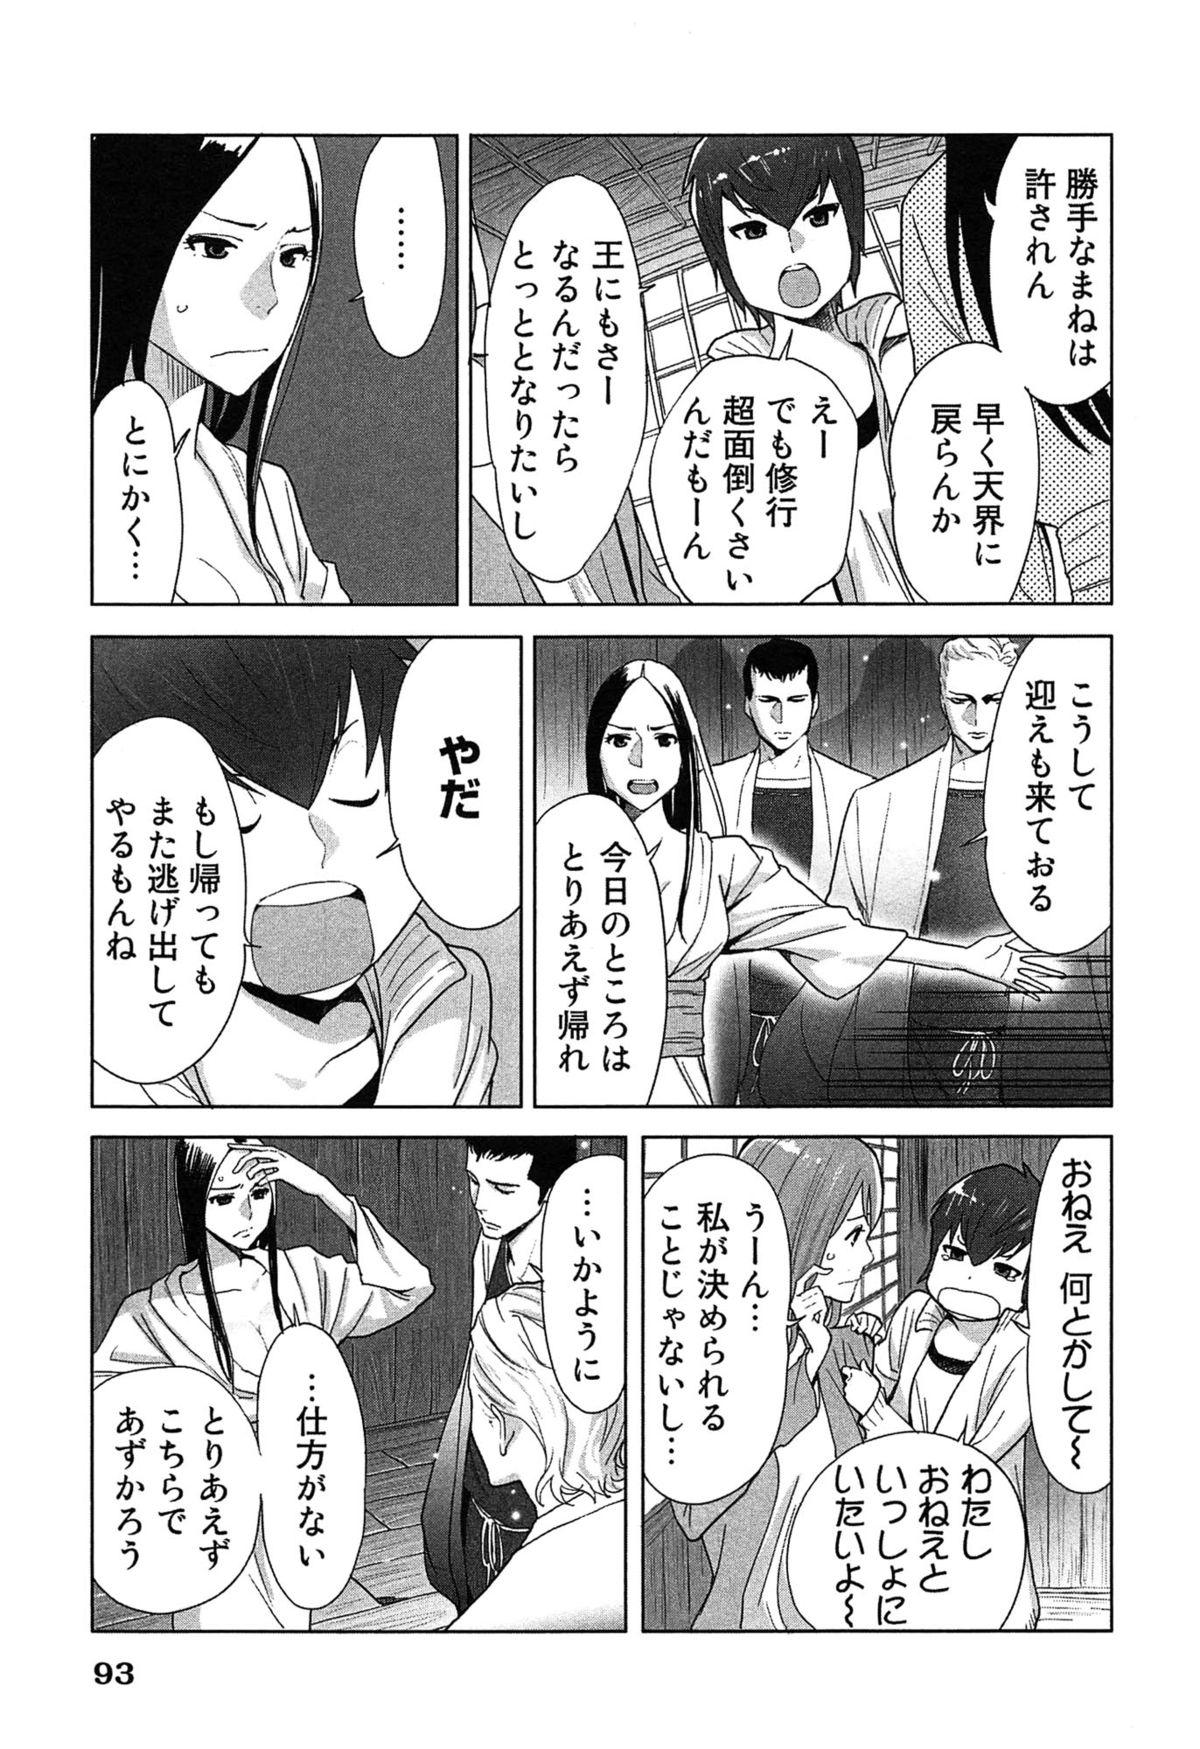 Megami to Ichinen Kura Shite Mita. 2 96